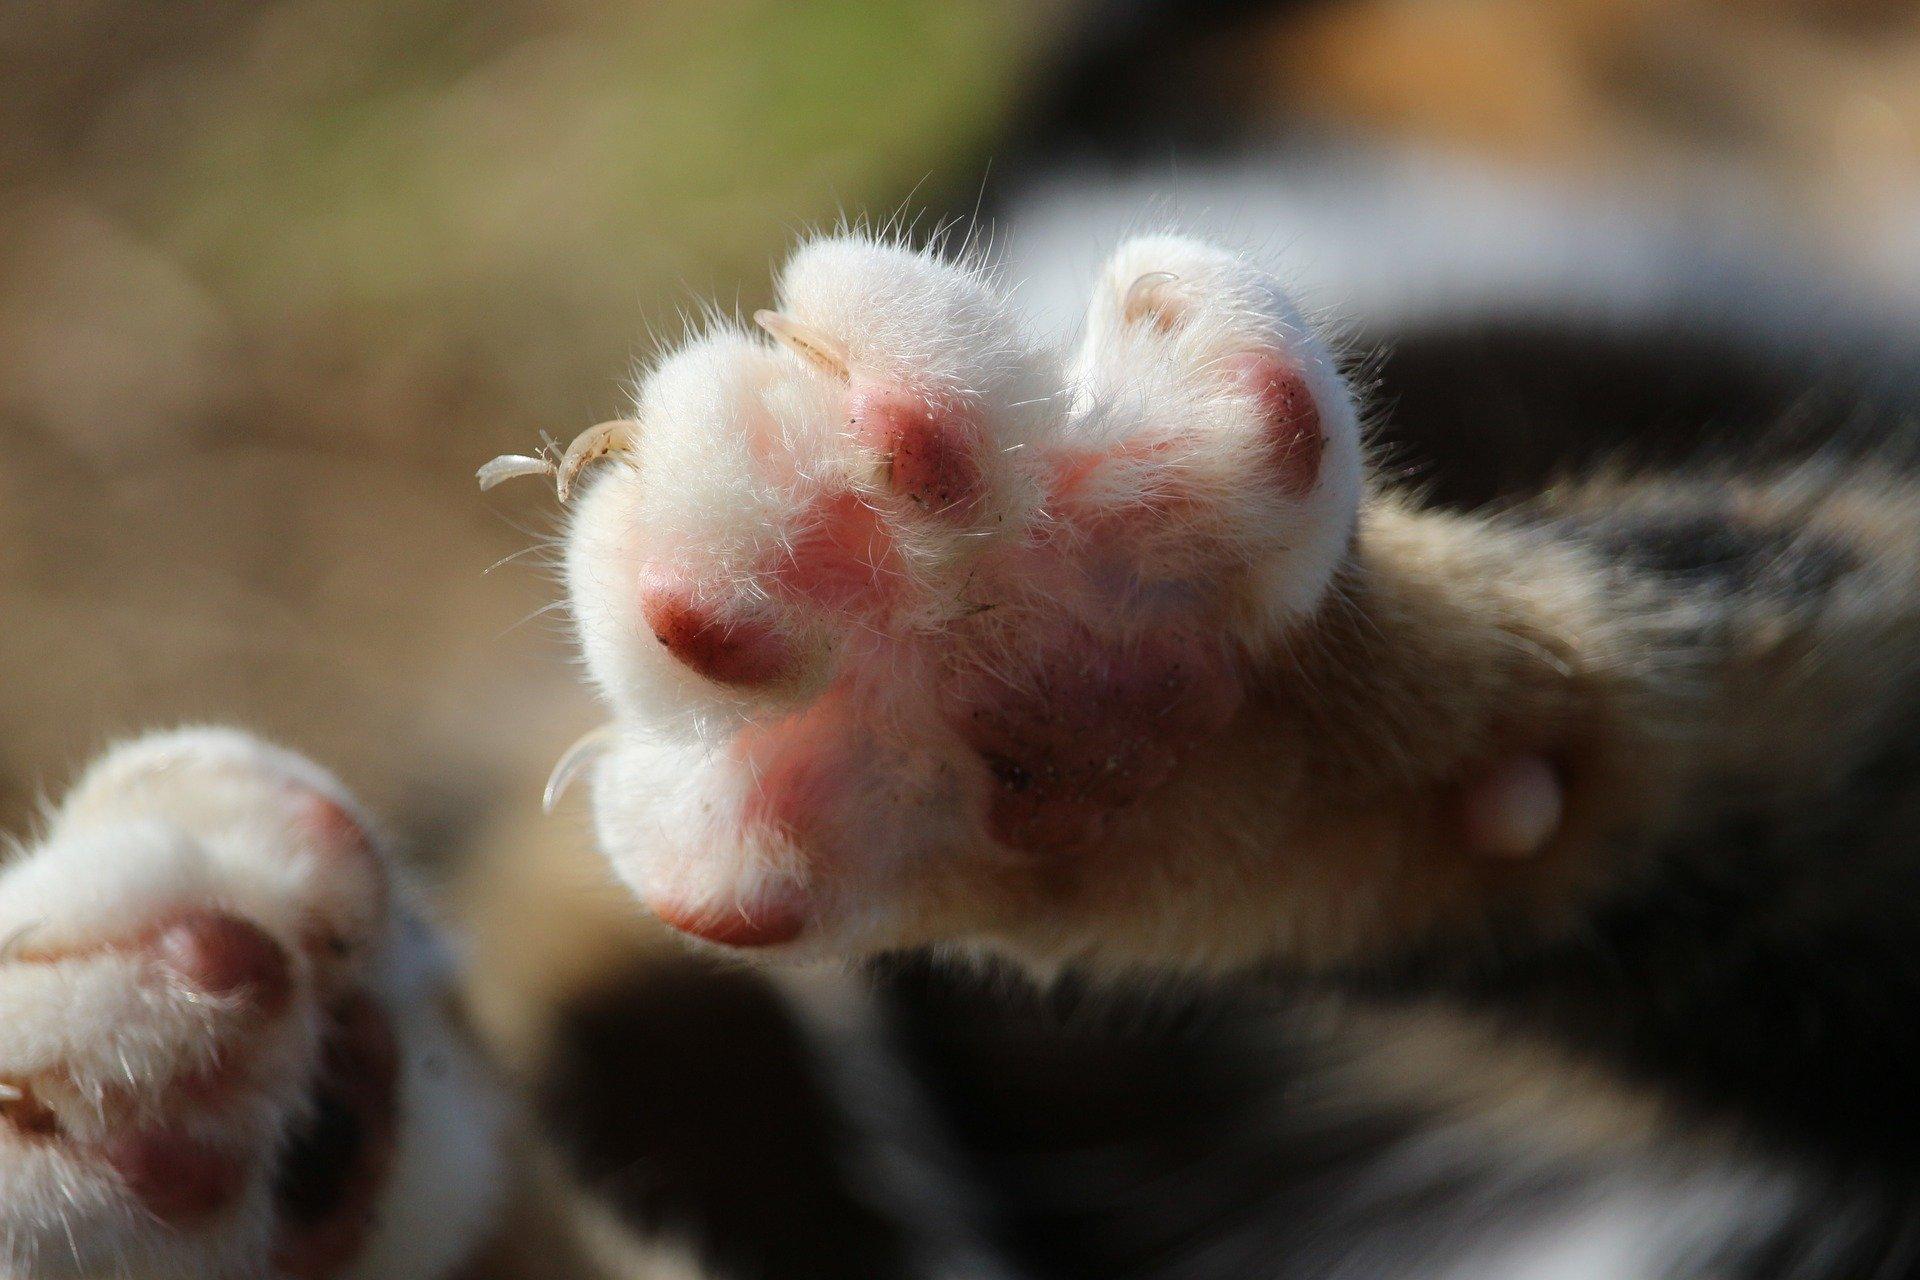 Tagliare le unghie al gatto, ecco come fare